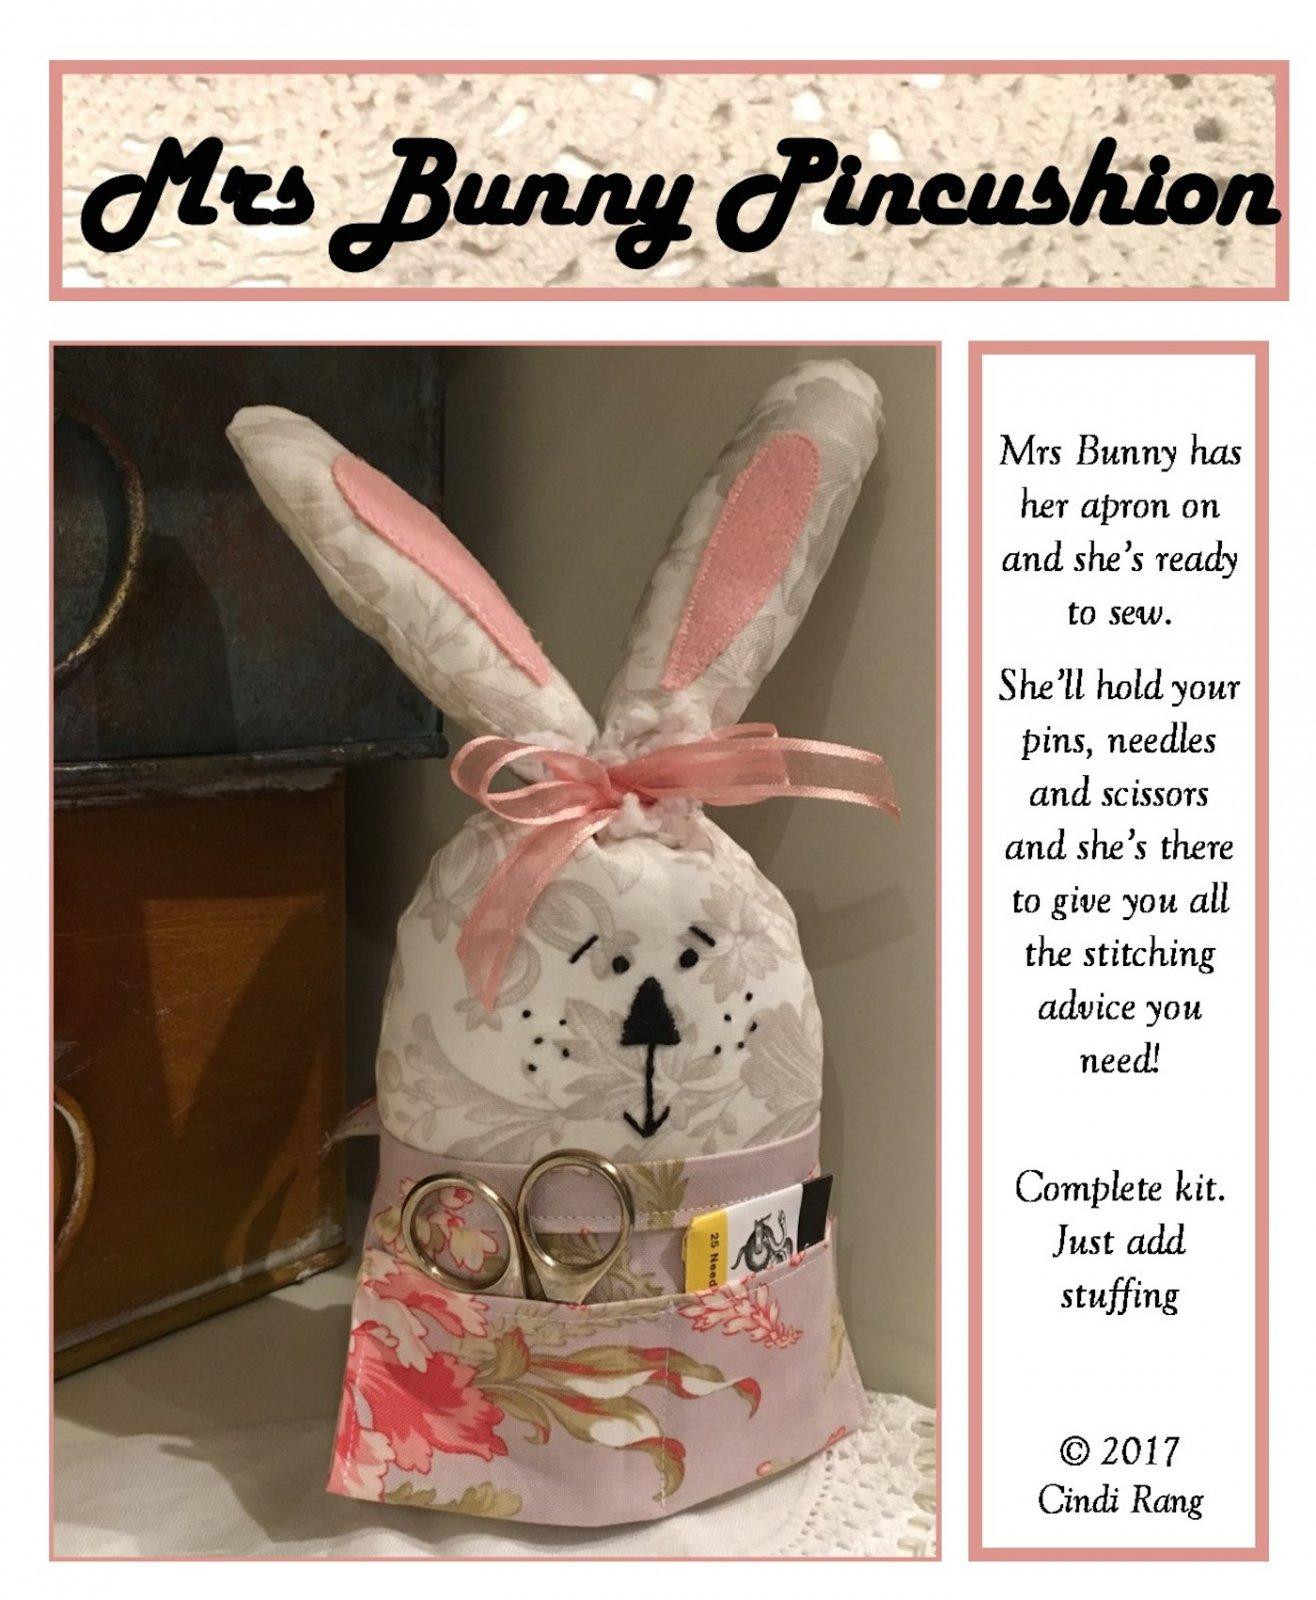 Mrs. Bunny Pincushion